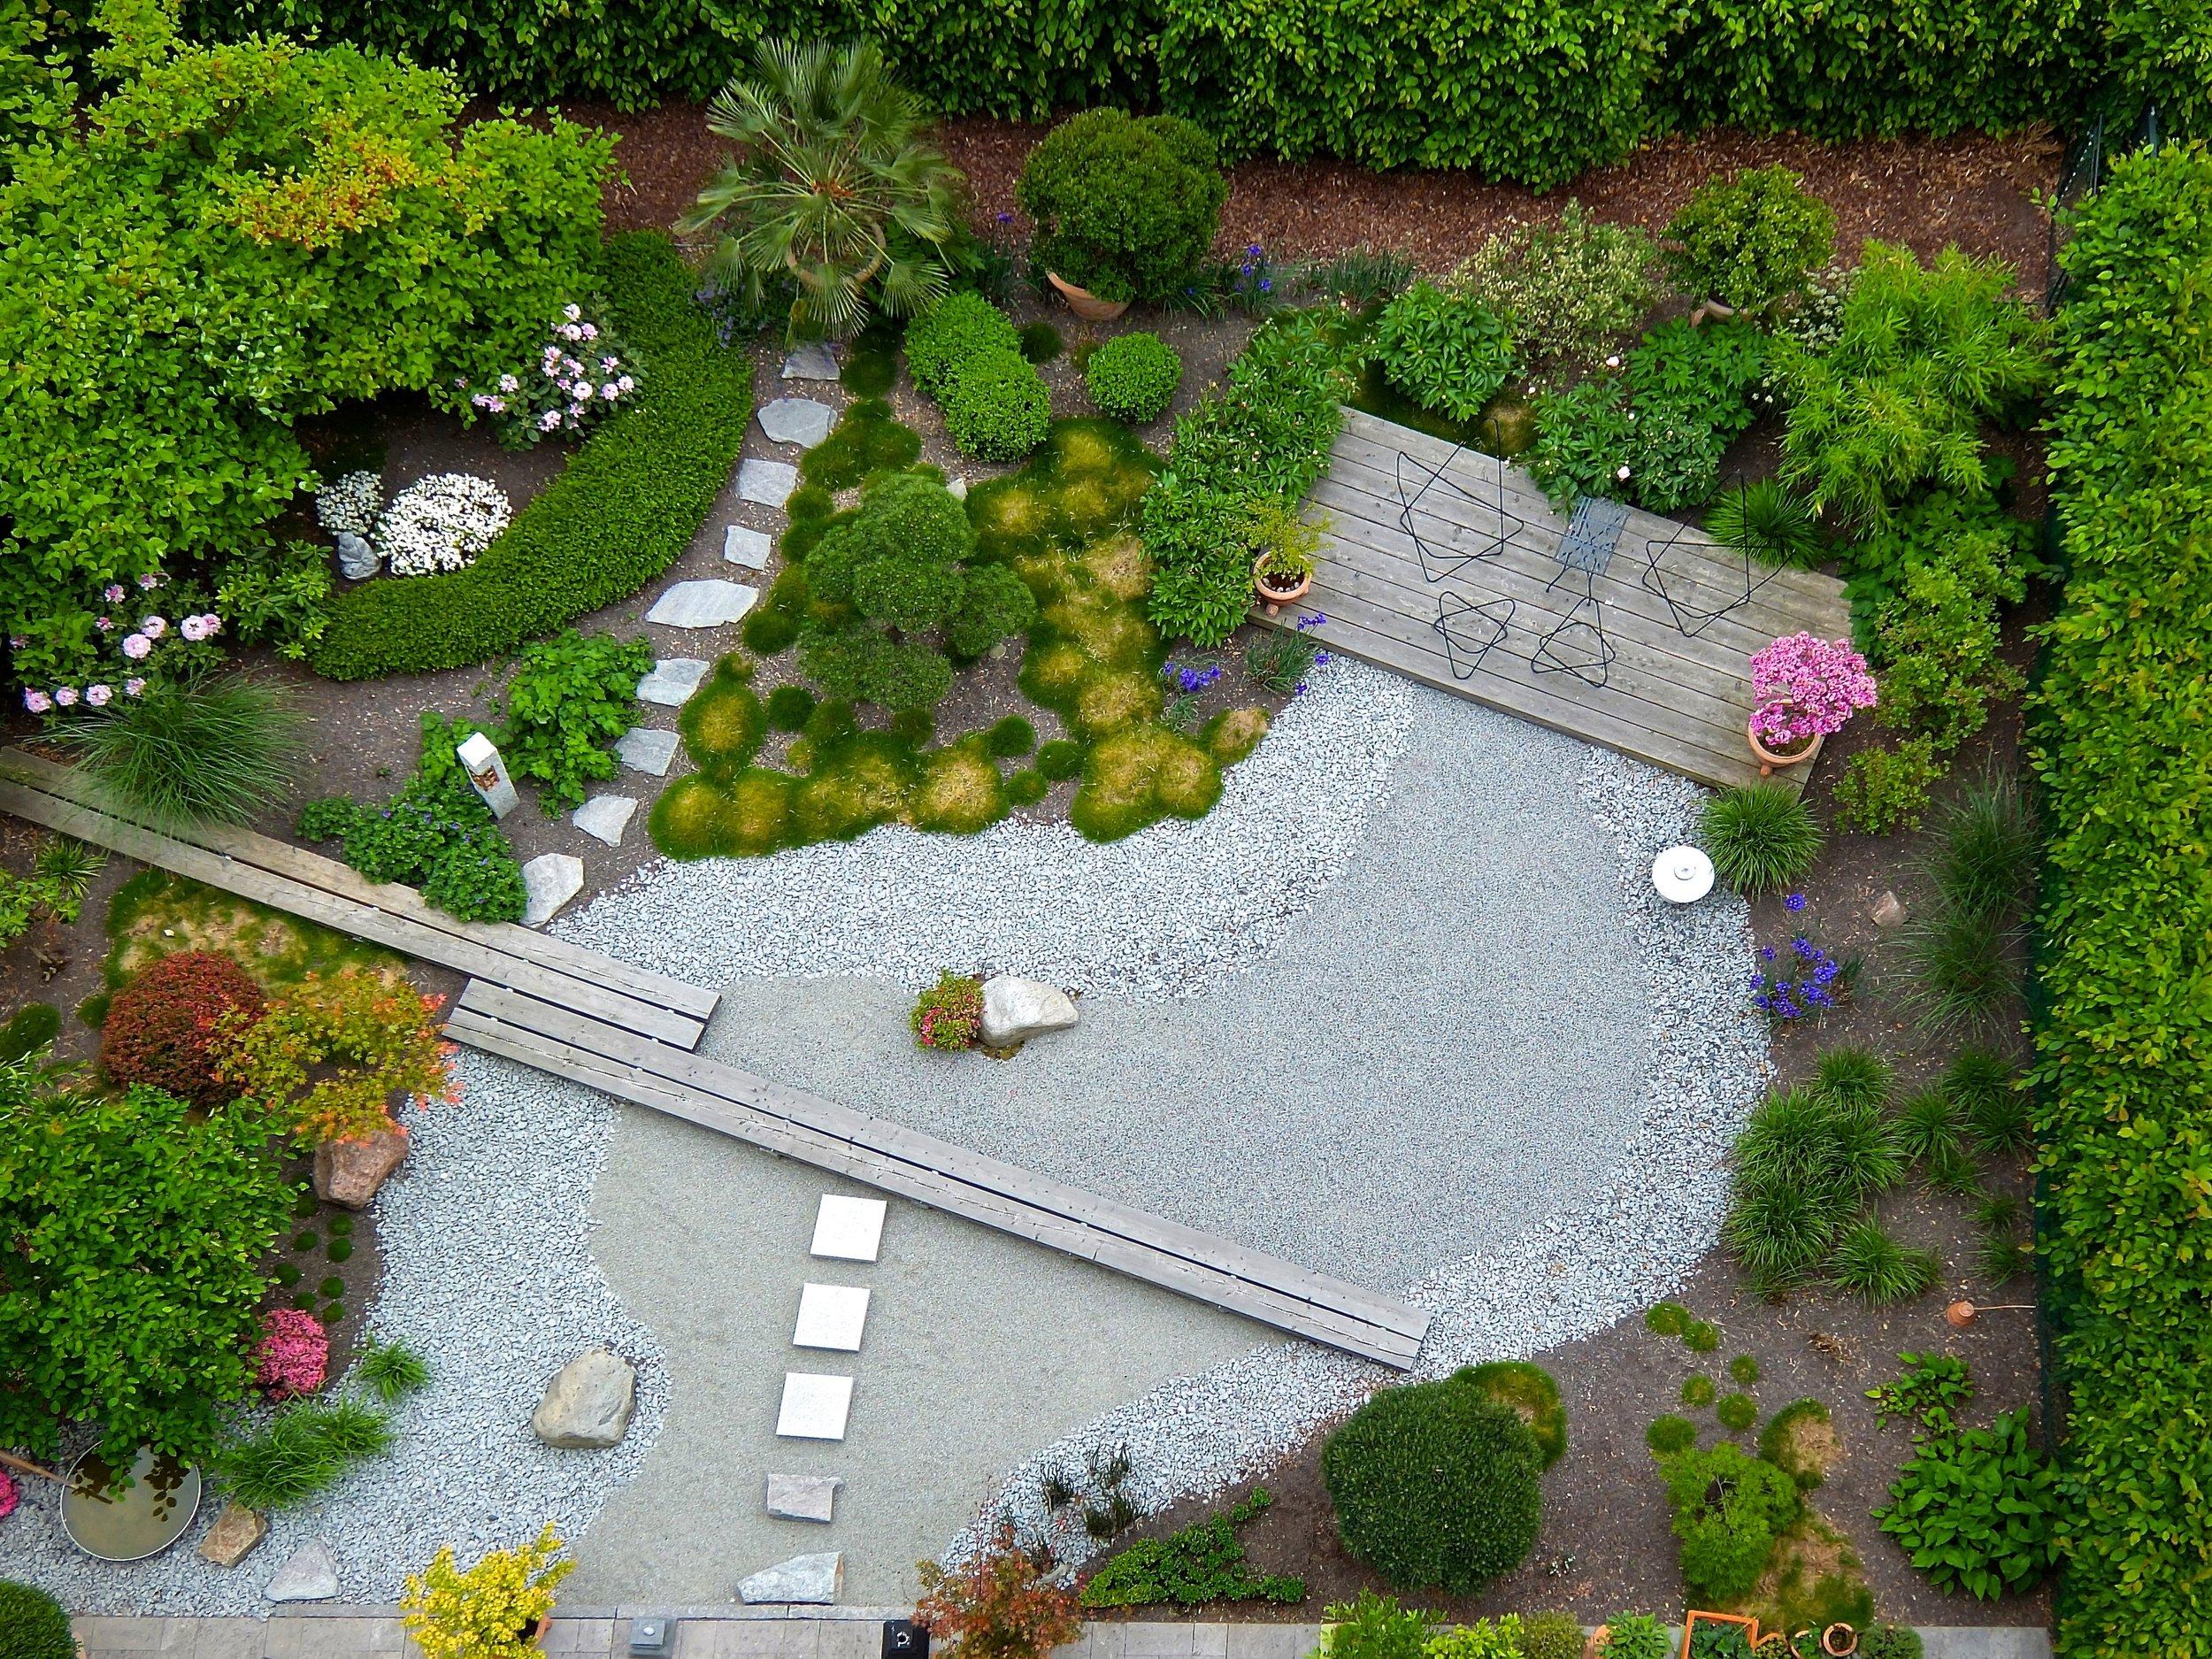 garden-landscaping-1684852.jpg